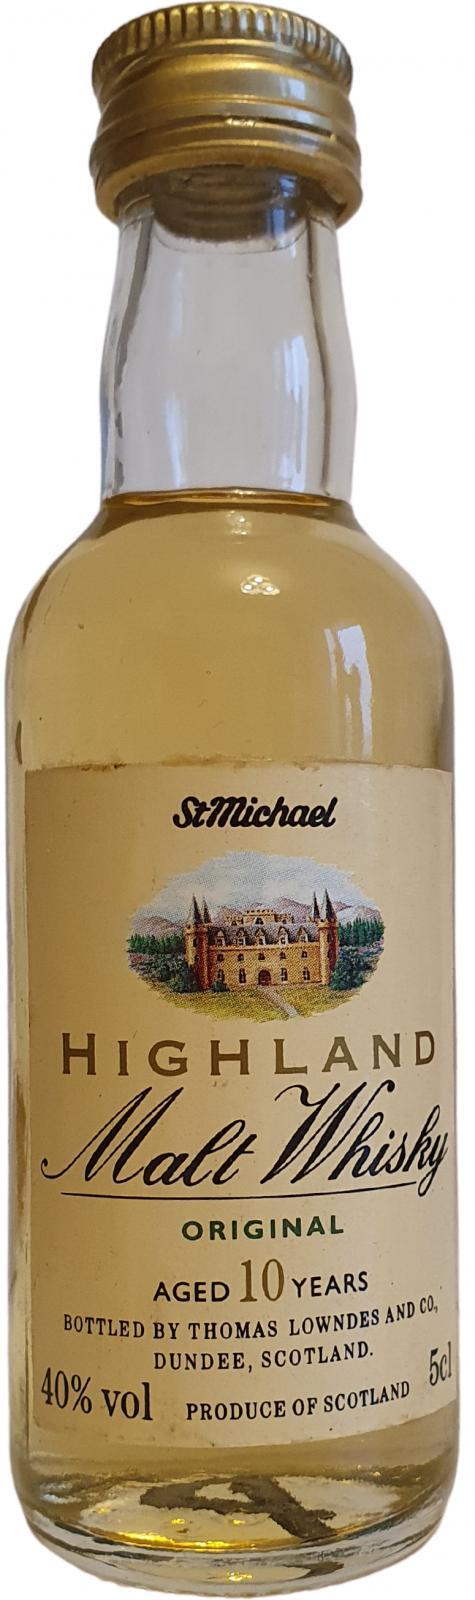 Highland Malt Whisky 10-year-old Original